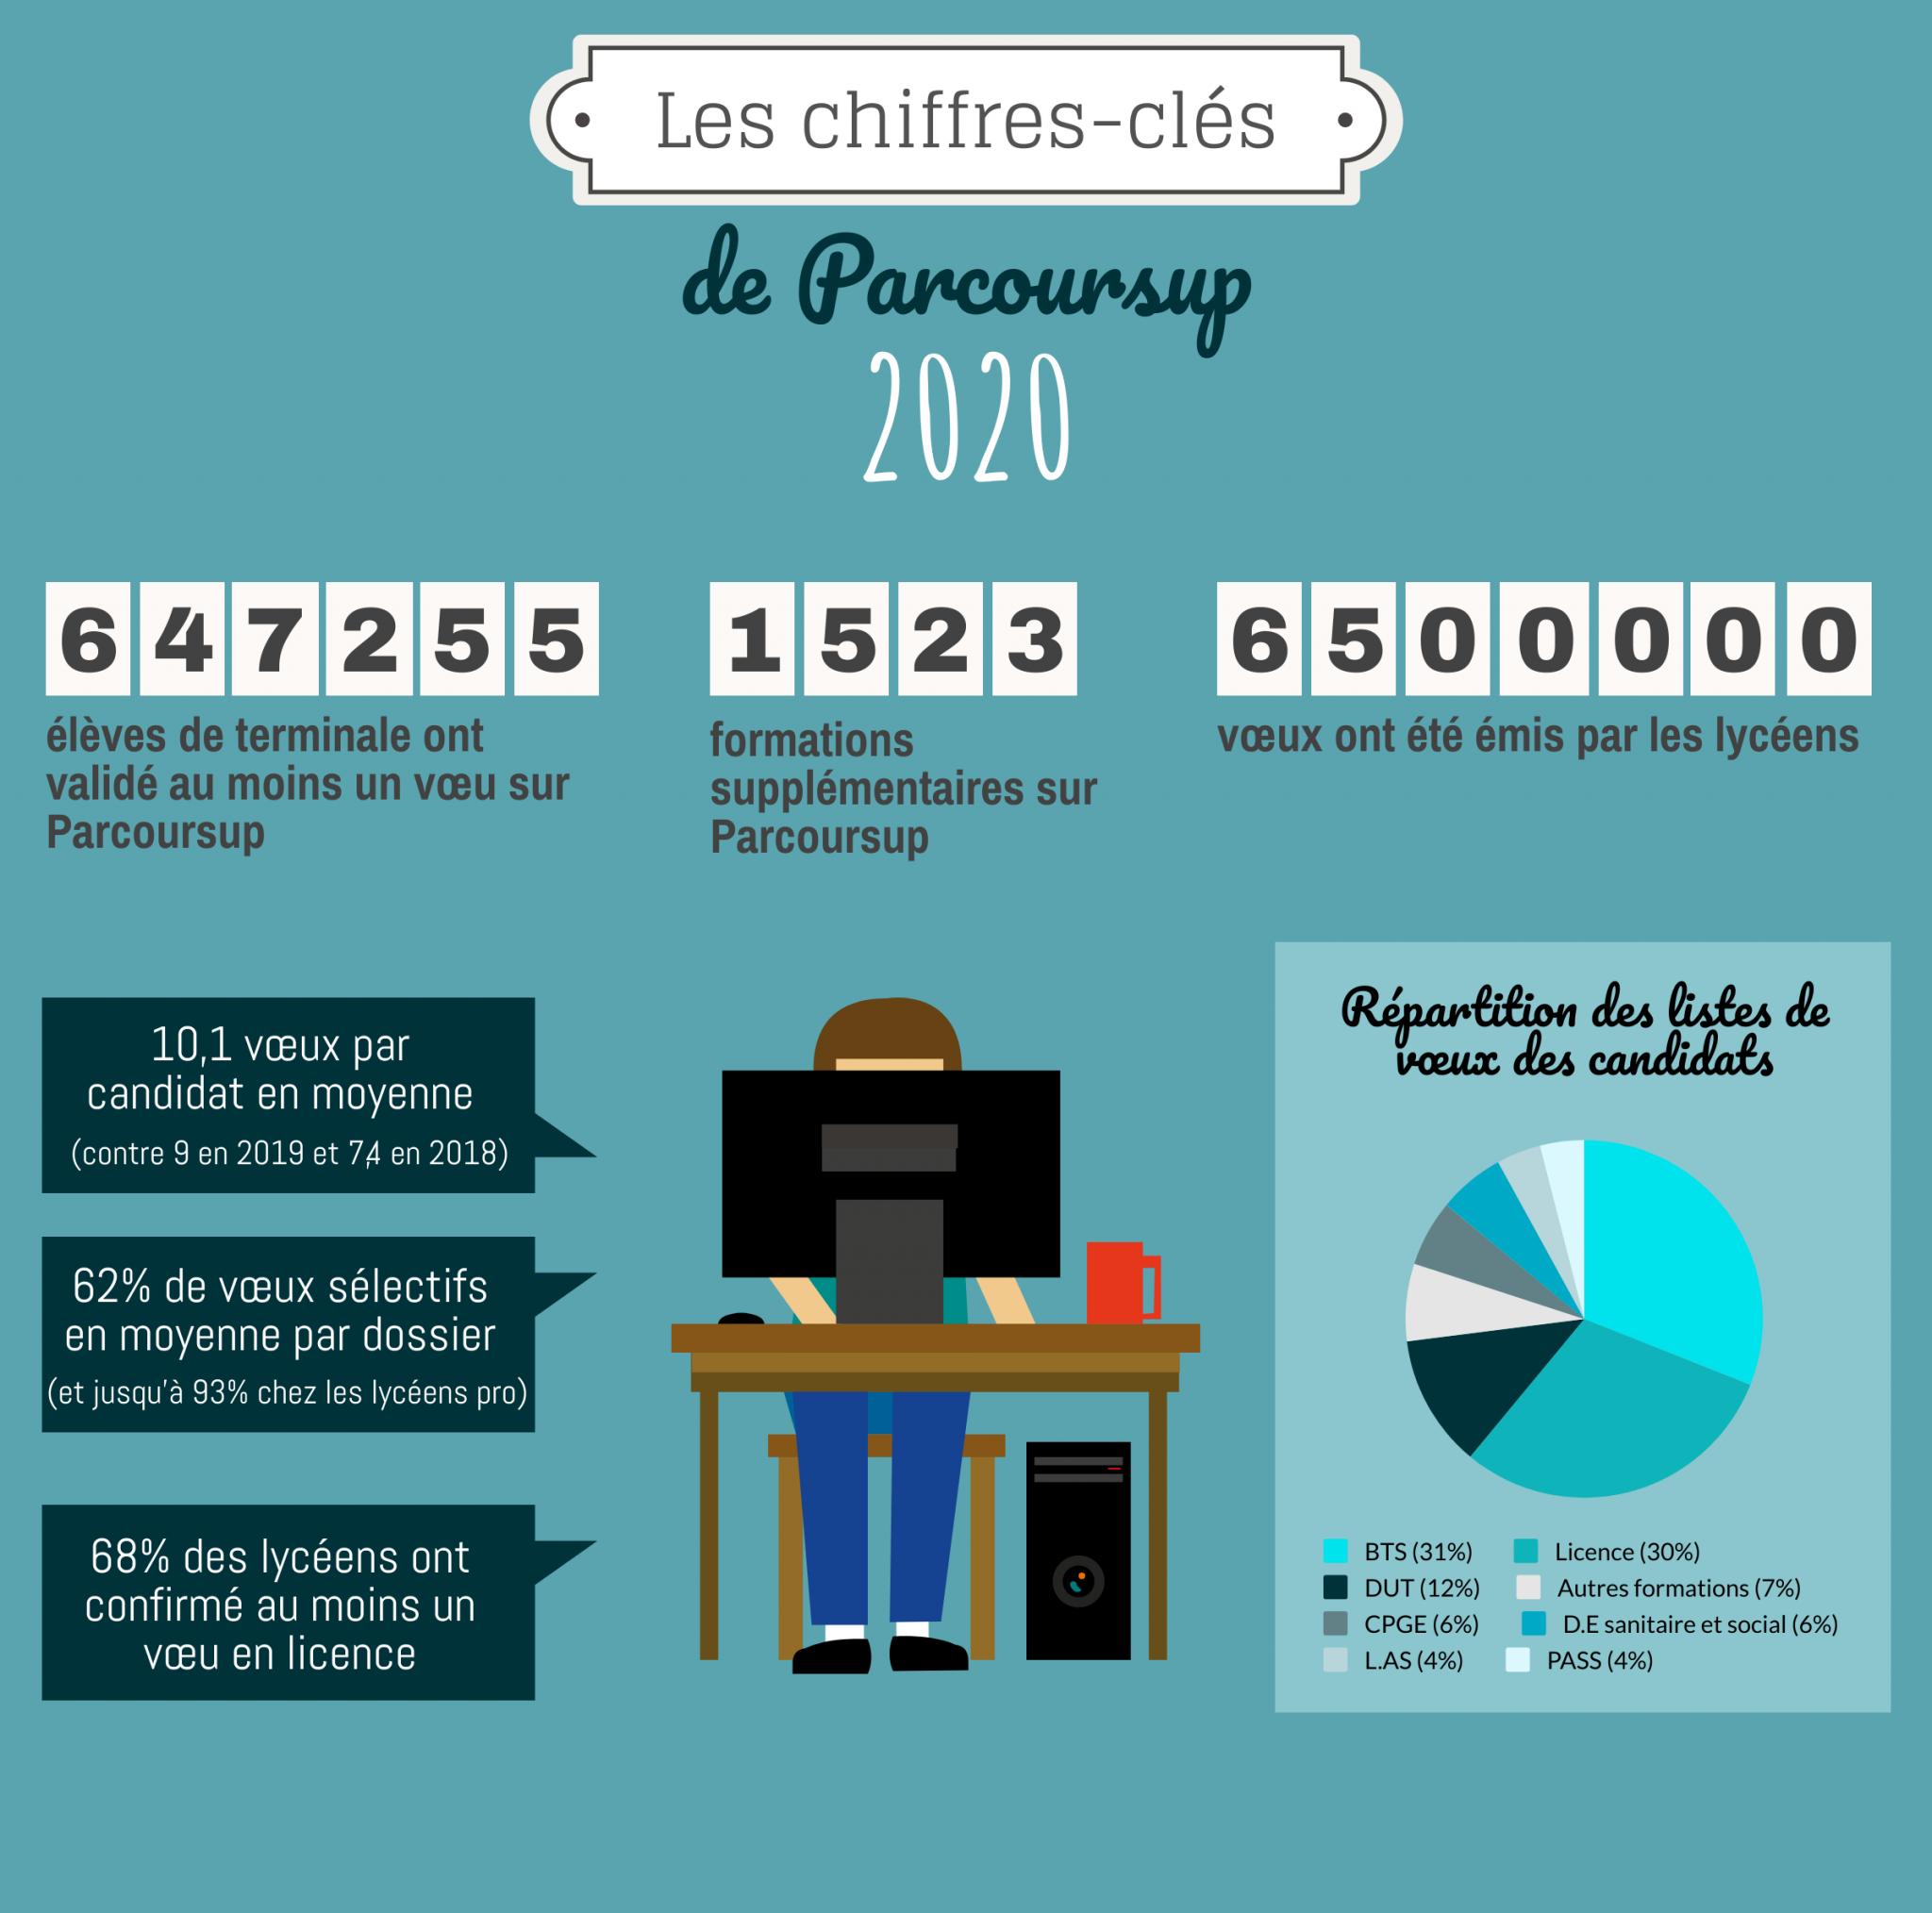 Les chiffres à retenir sur Parcoursup 2020.